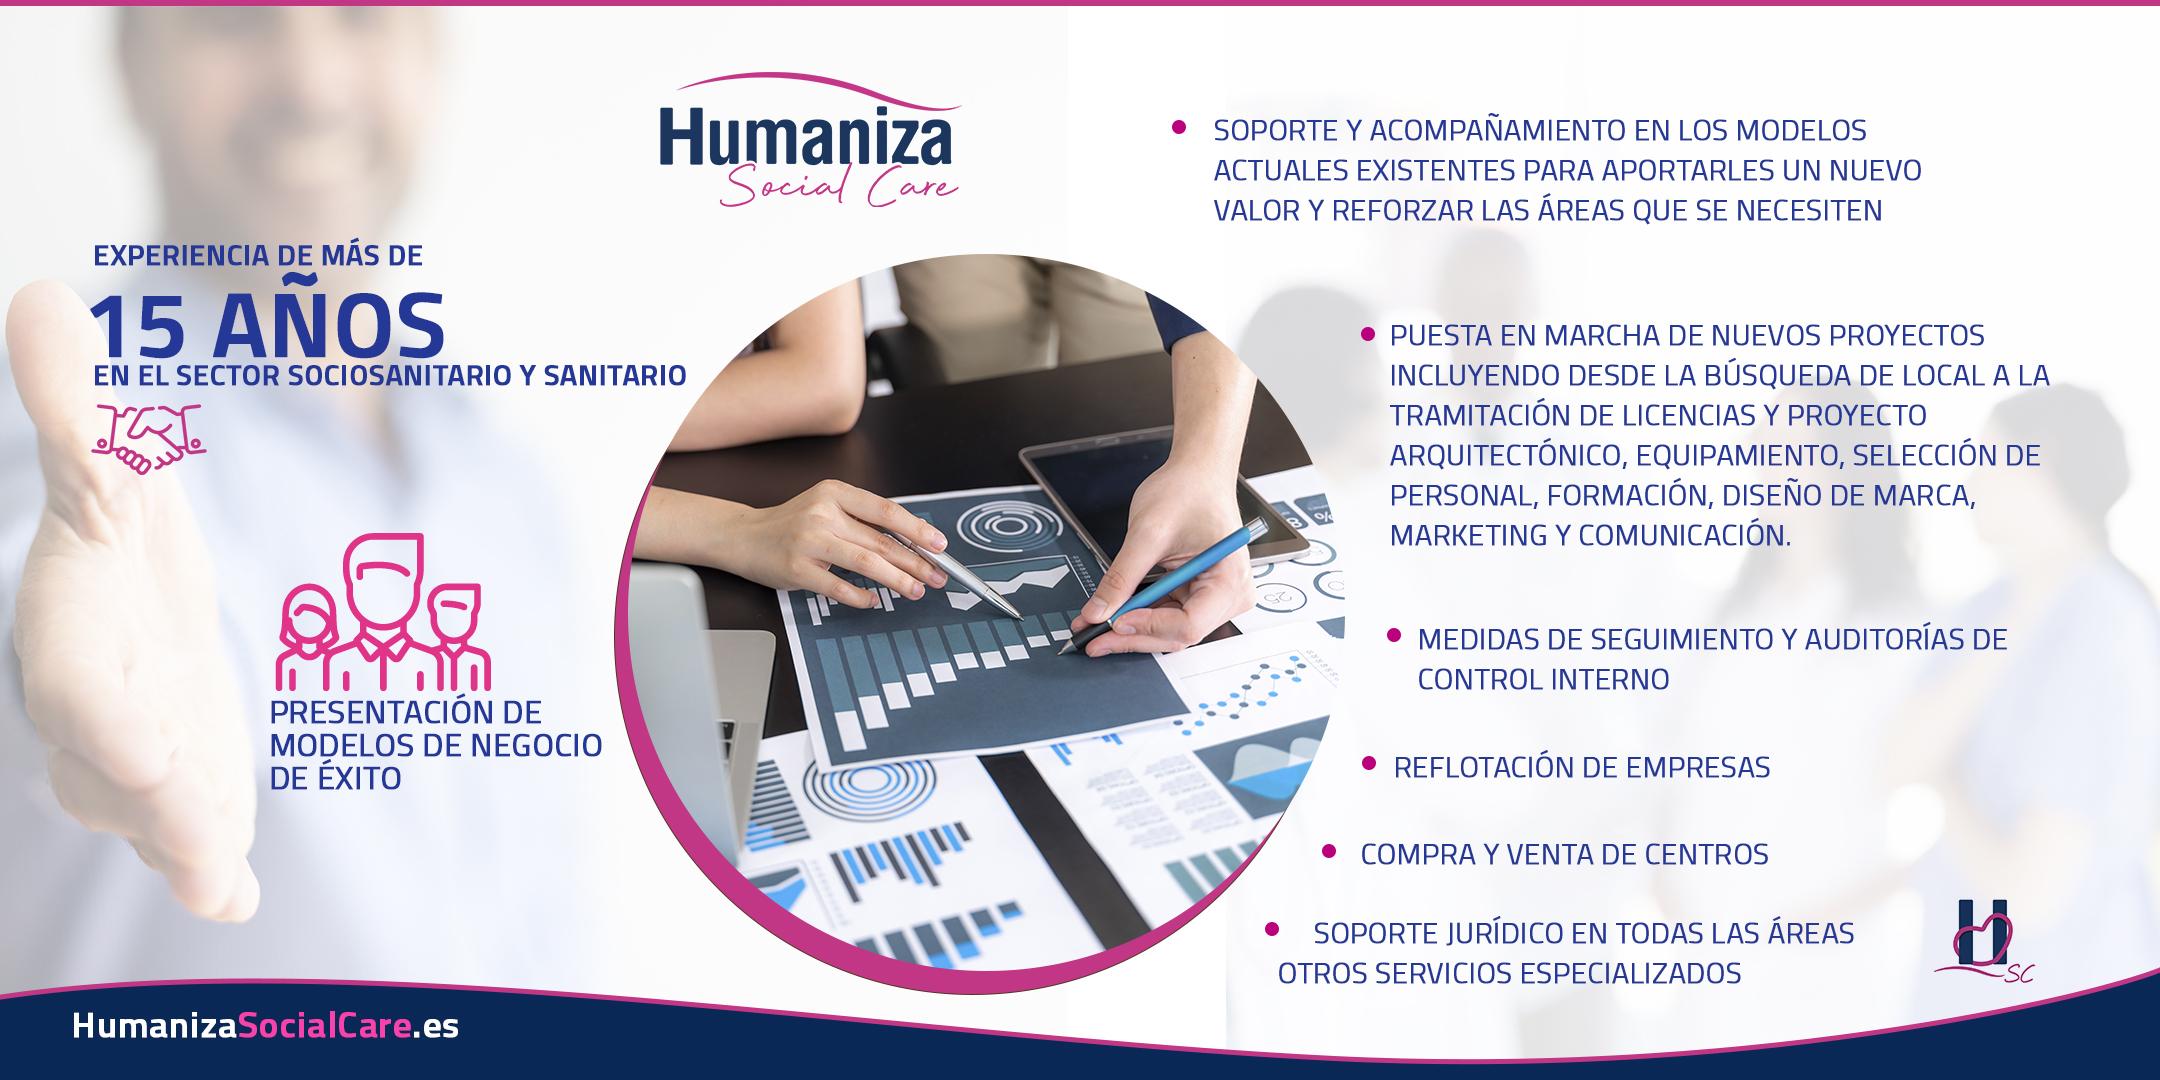 SERVICIOS HUMANIZA SOCIAL CARE